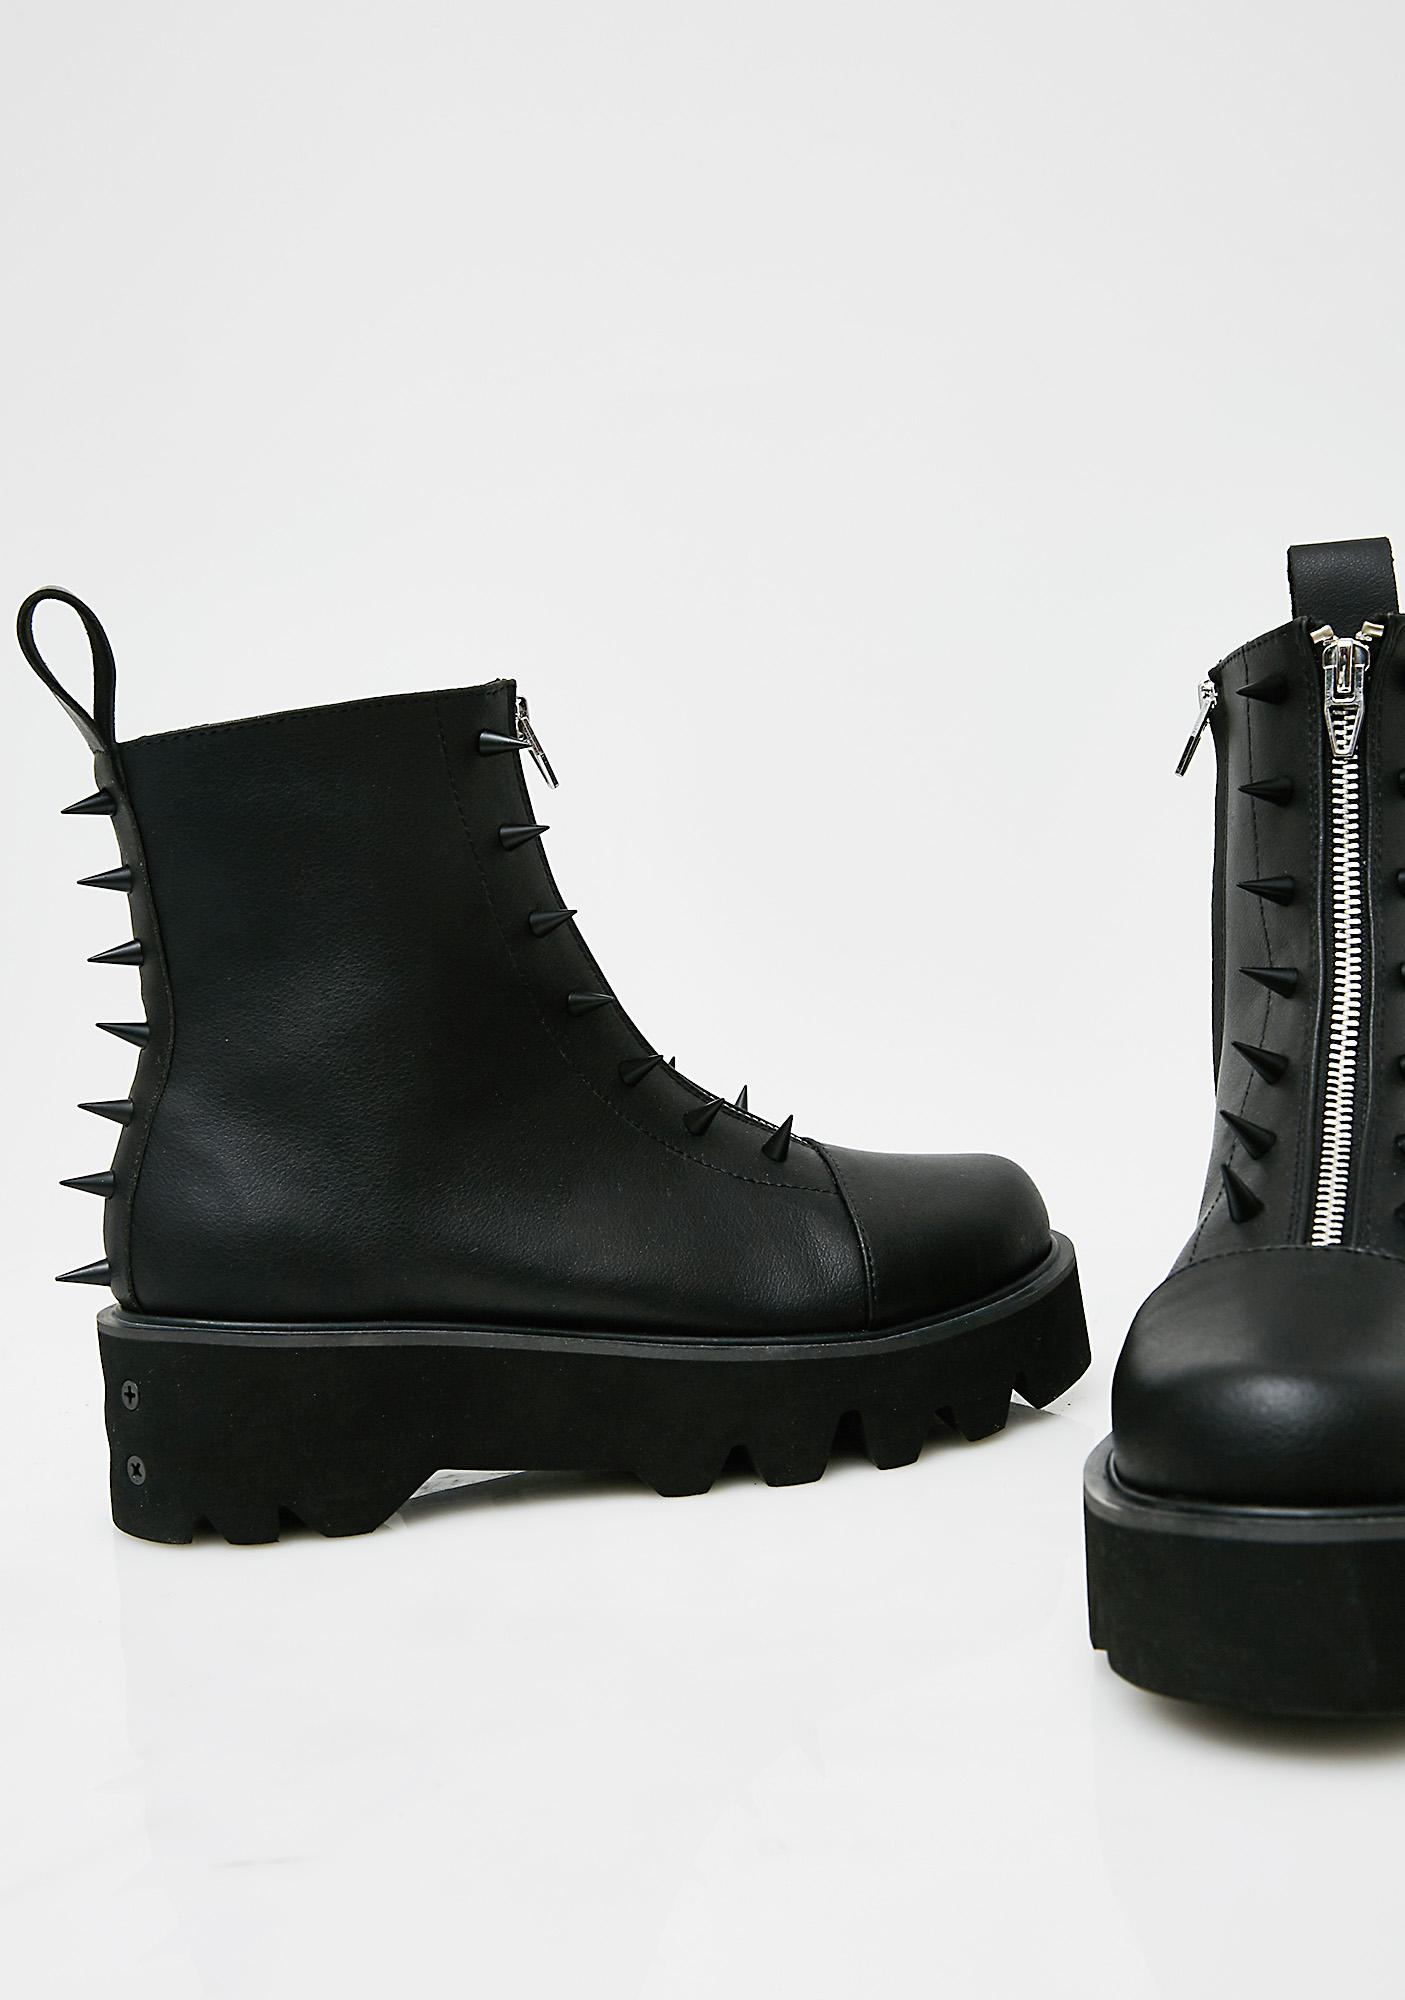 Disturbia Spike Boots